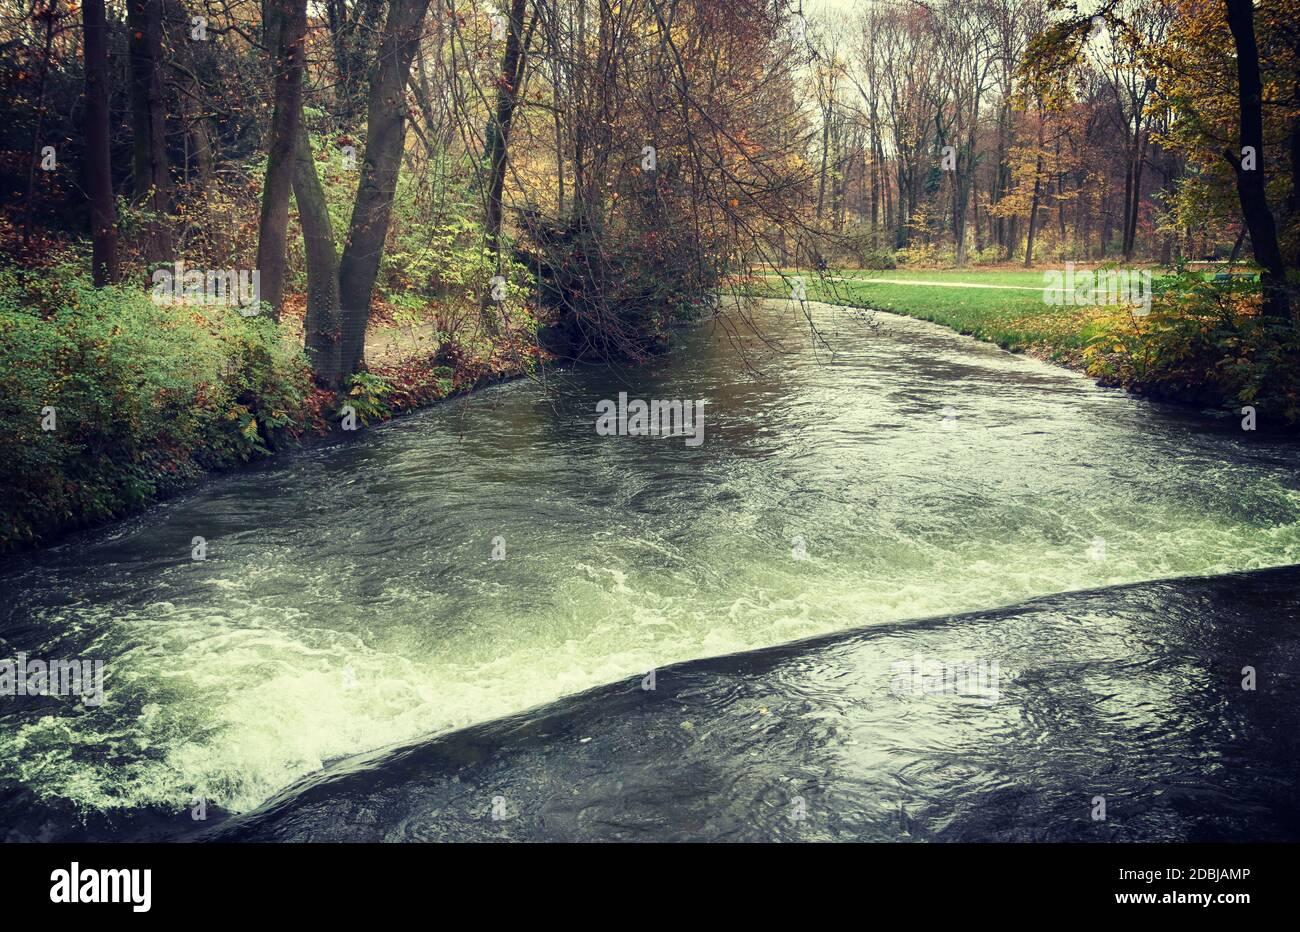 Canal d'eau à Munich Englischer Garten en automne, magnifique parc à l'intérieur le coeur de la ville pour faire une promenade la nature Banque D'Images